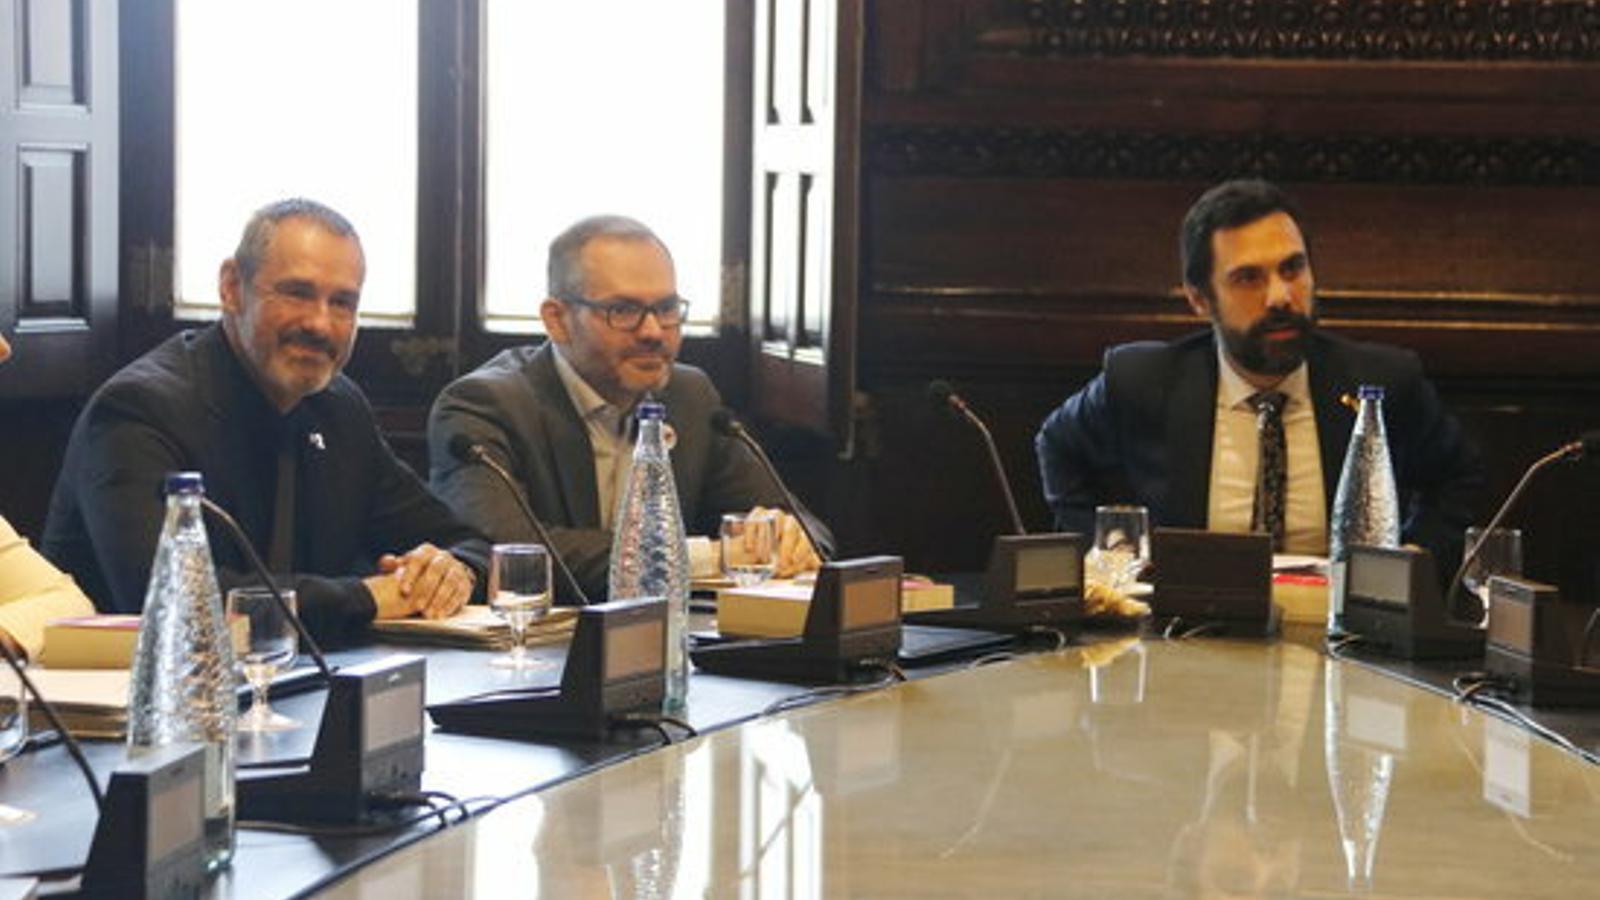 El TC obre la via penal contra Torrent, Costa i Campdepadrós per haver permès votar sobre l'autodeterminació